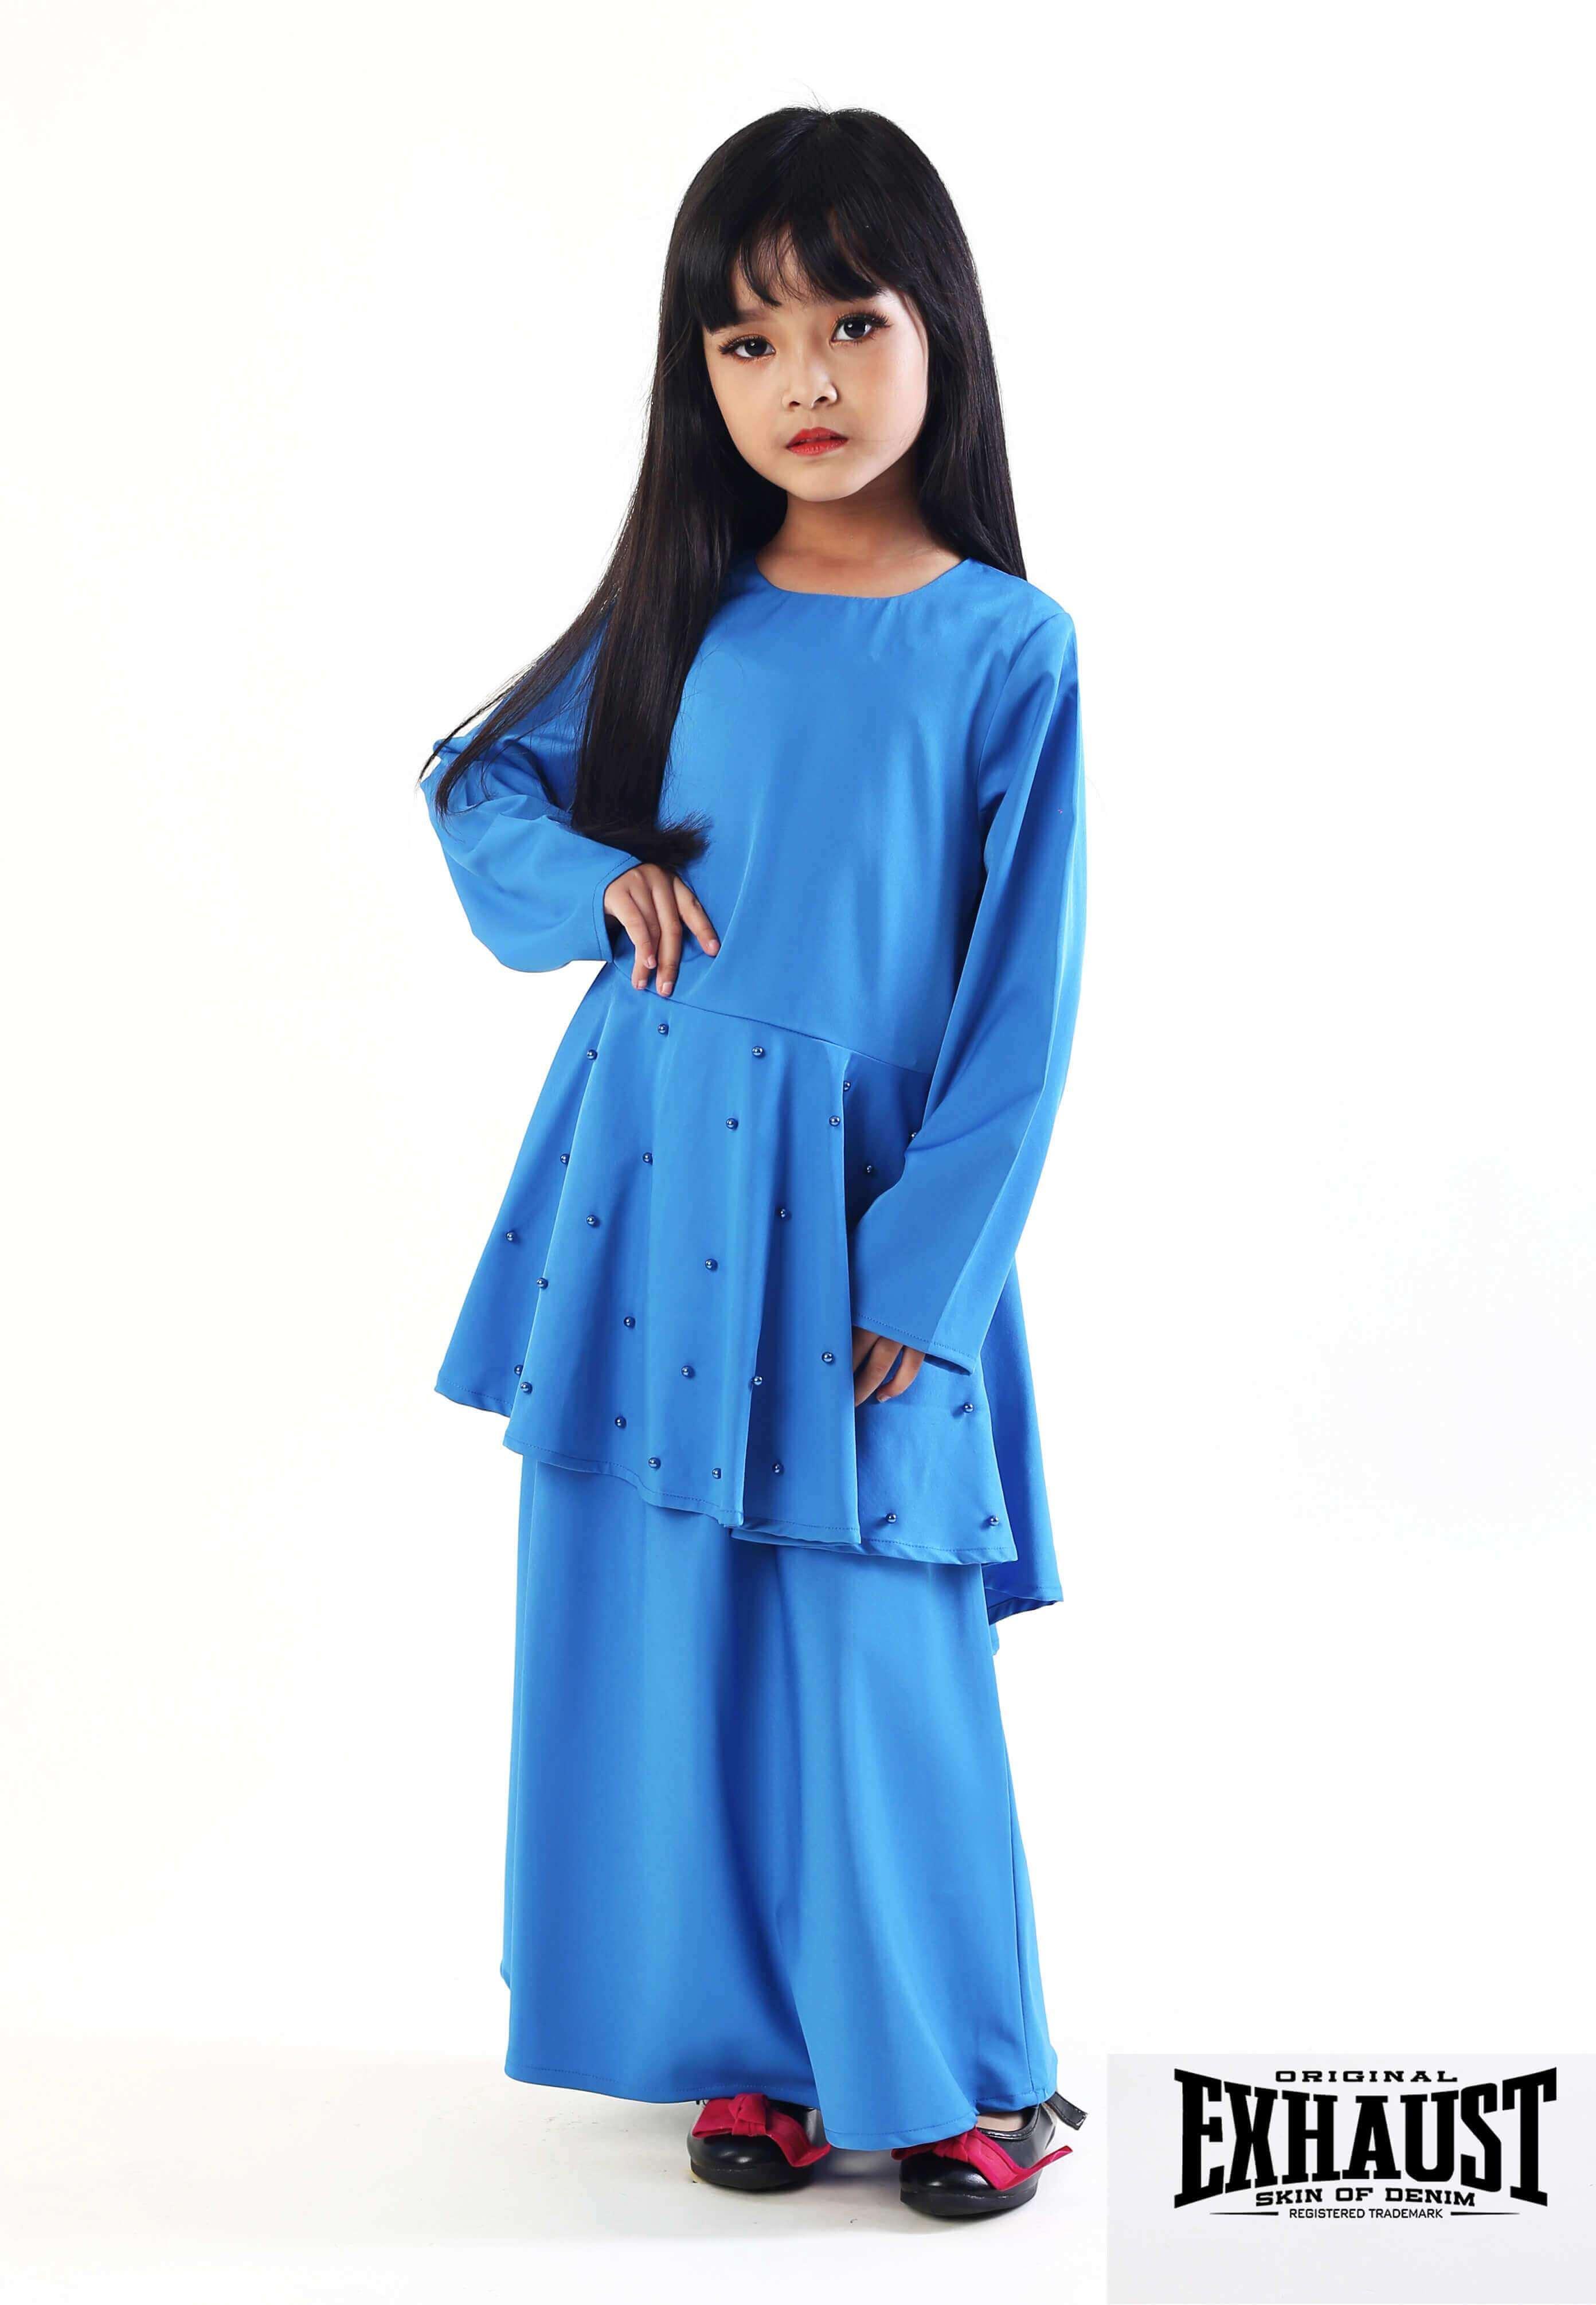 Exhaust Baju Kurung Fashion Kids 2915#4